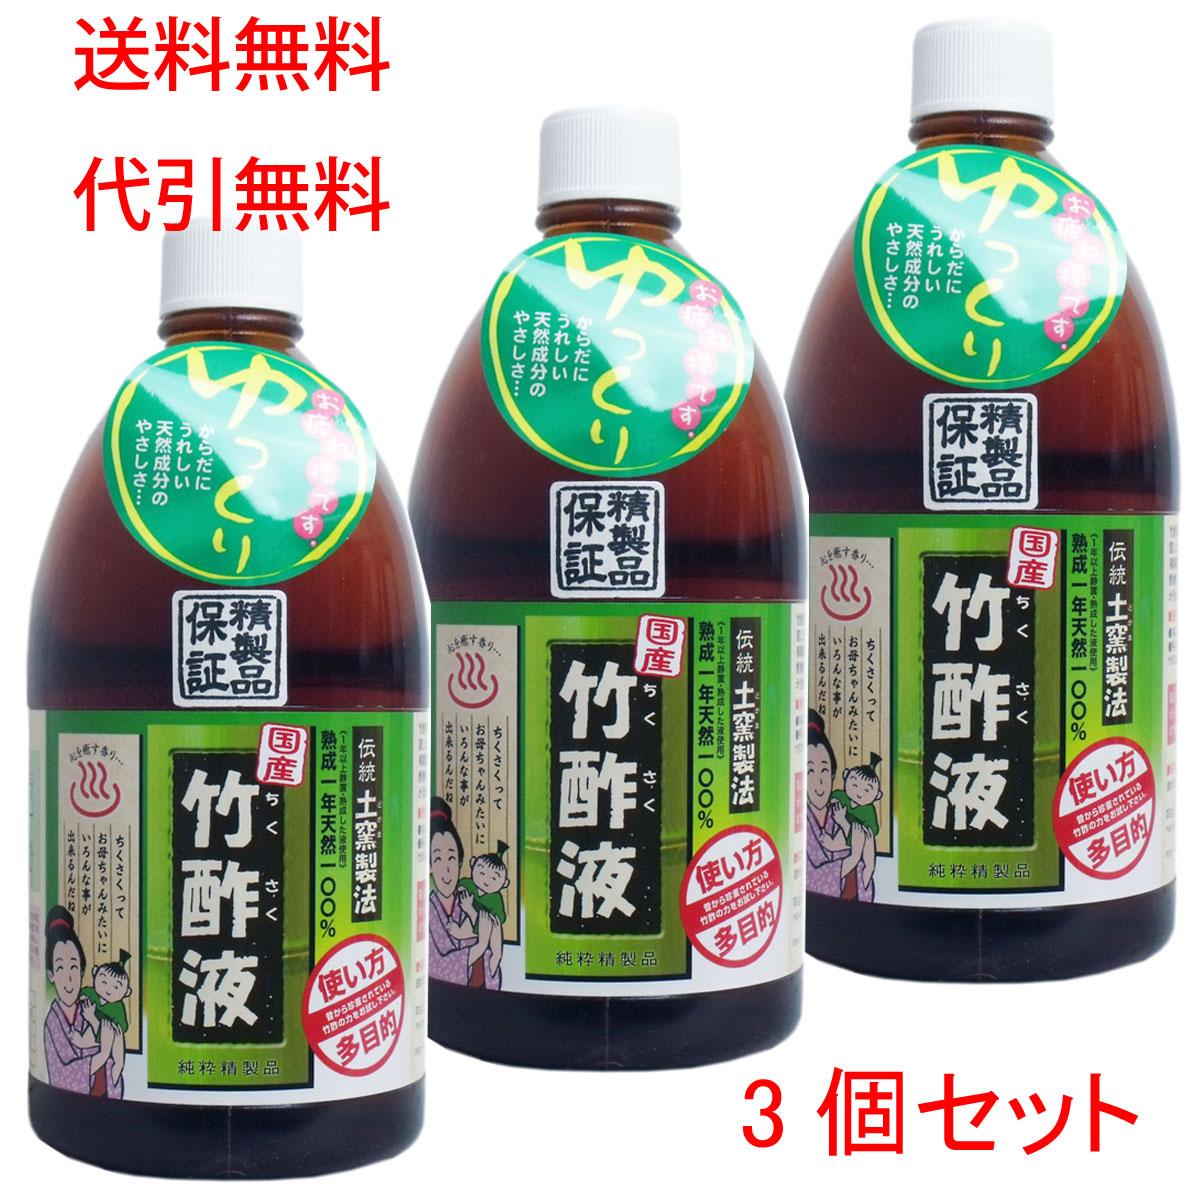 送料無料!代引き無料!(沖縄・離島は別途送料) 日本漢方研究所 高級竹酢液 1L×3個セット